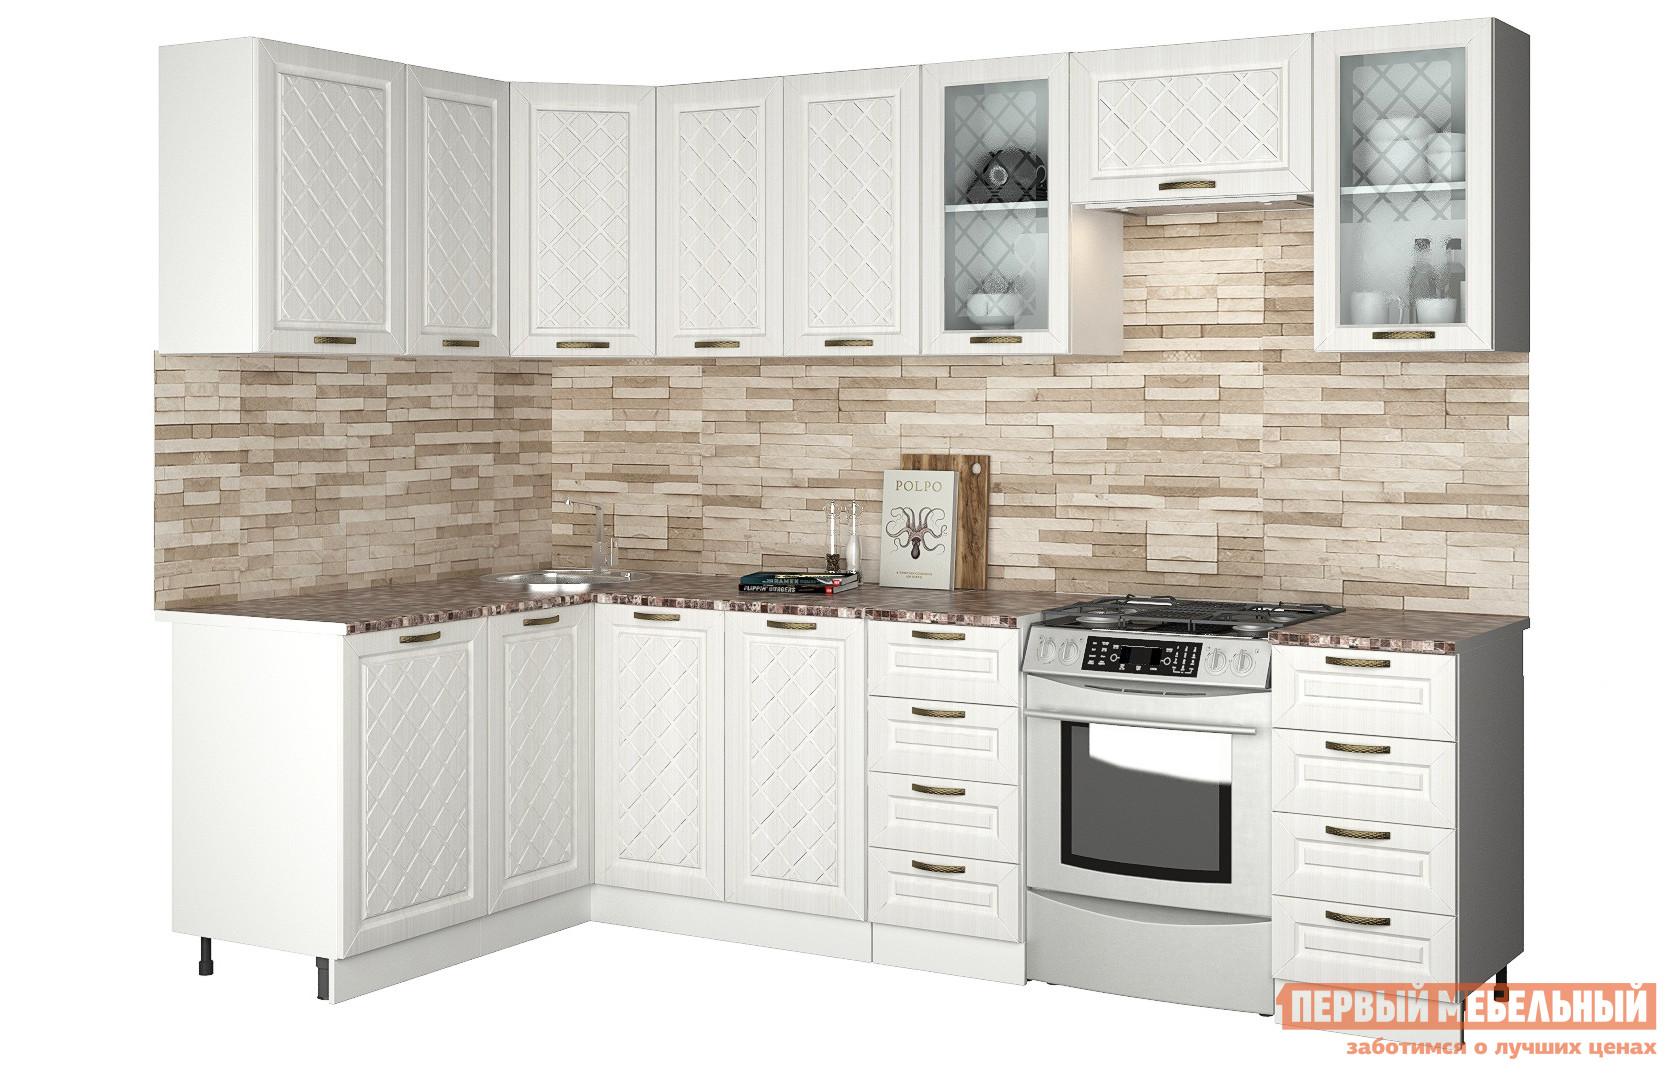 Угловой кухонный гарнитур Первый Мебельный Агава угловая 2.8 х 1.4 м